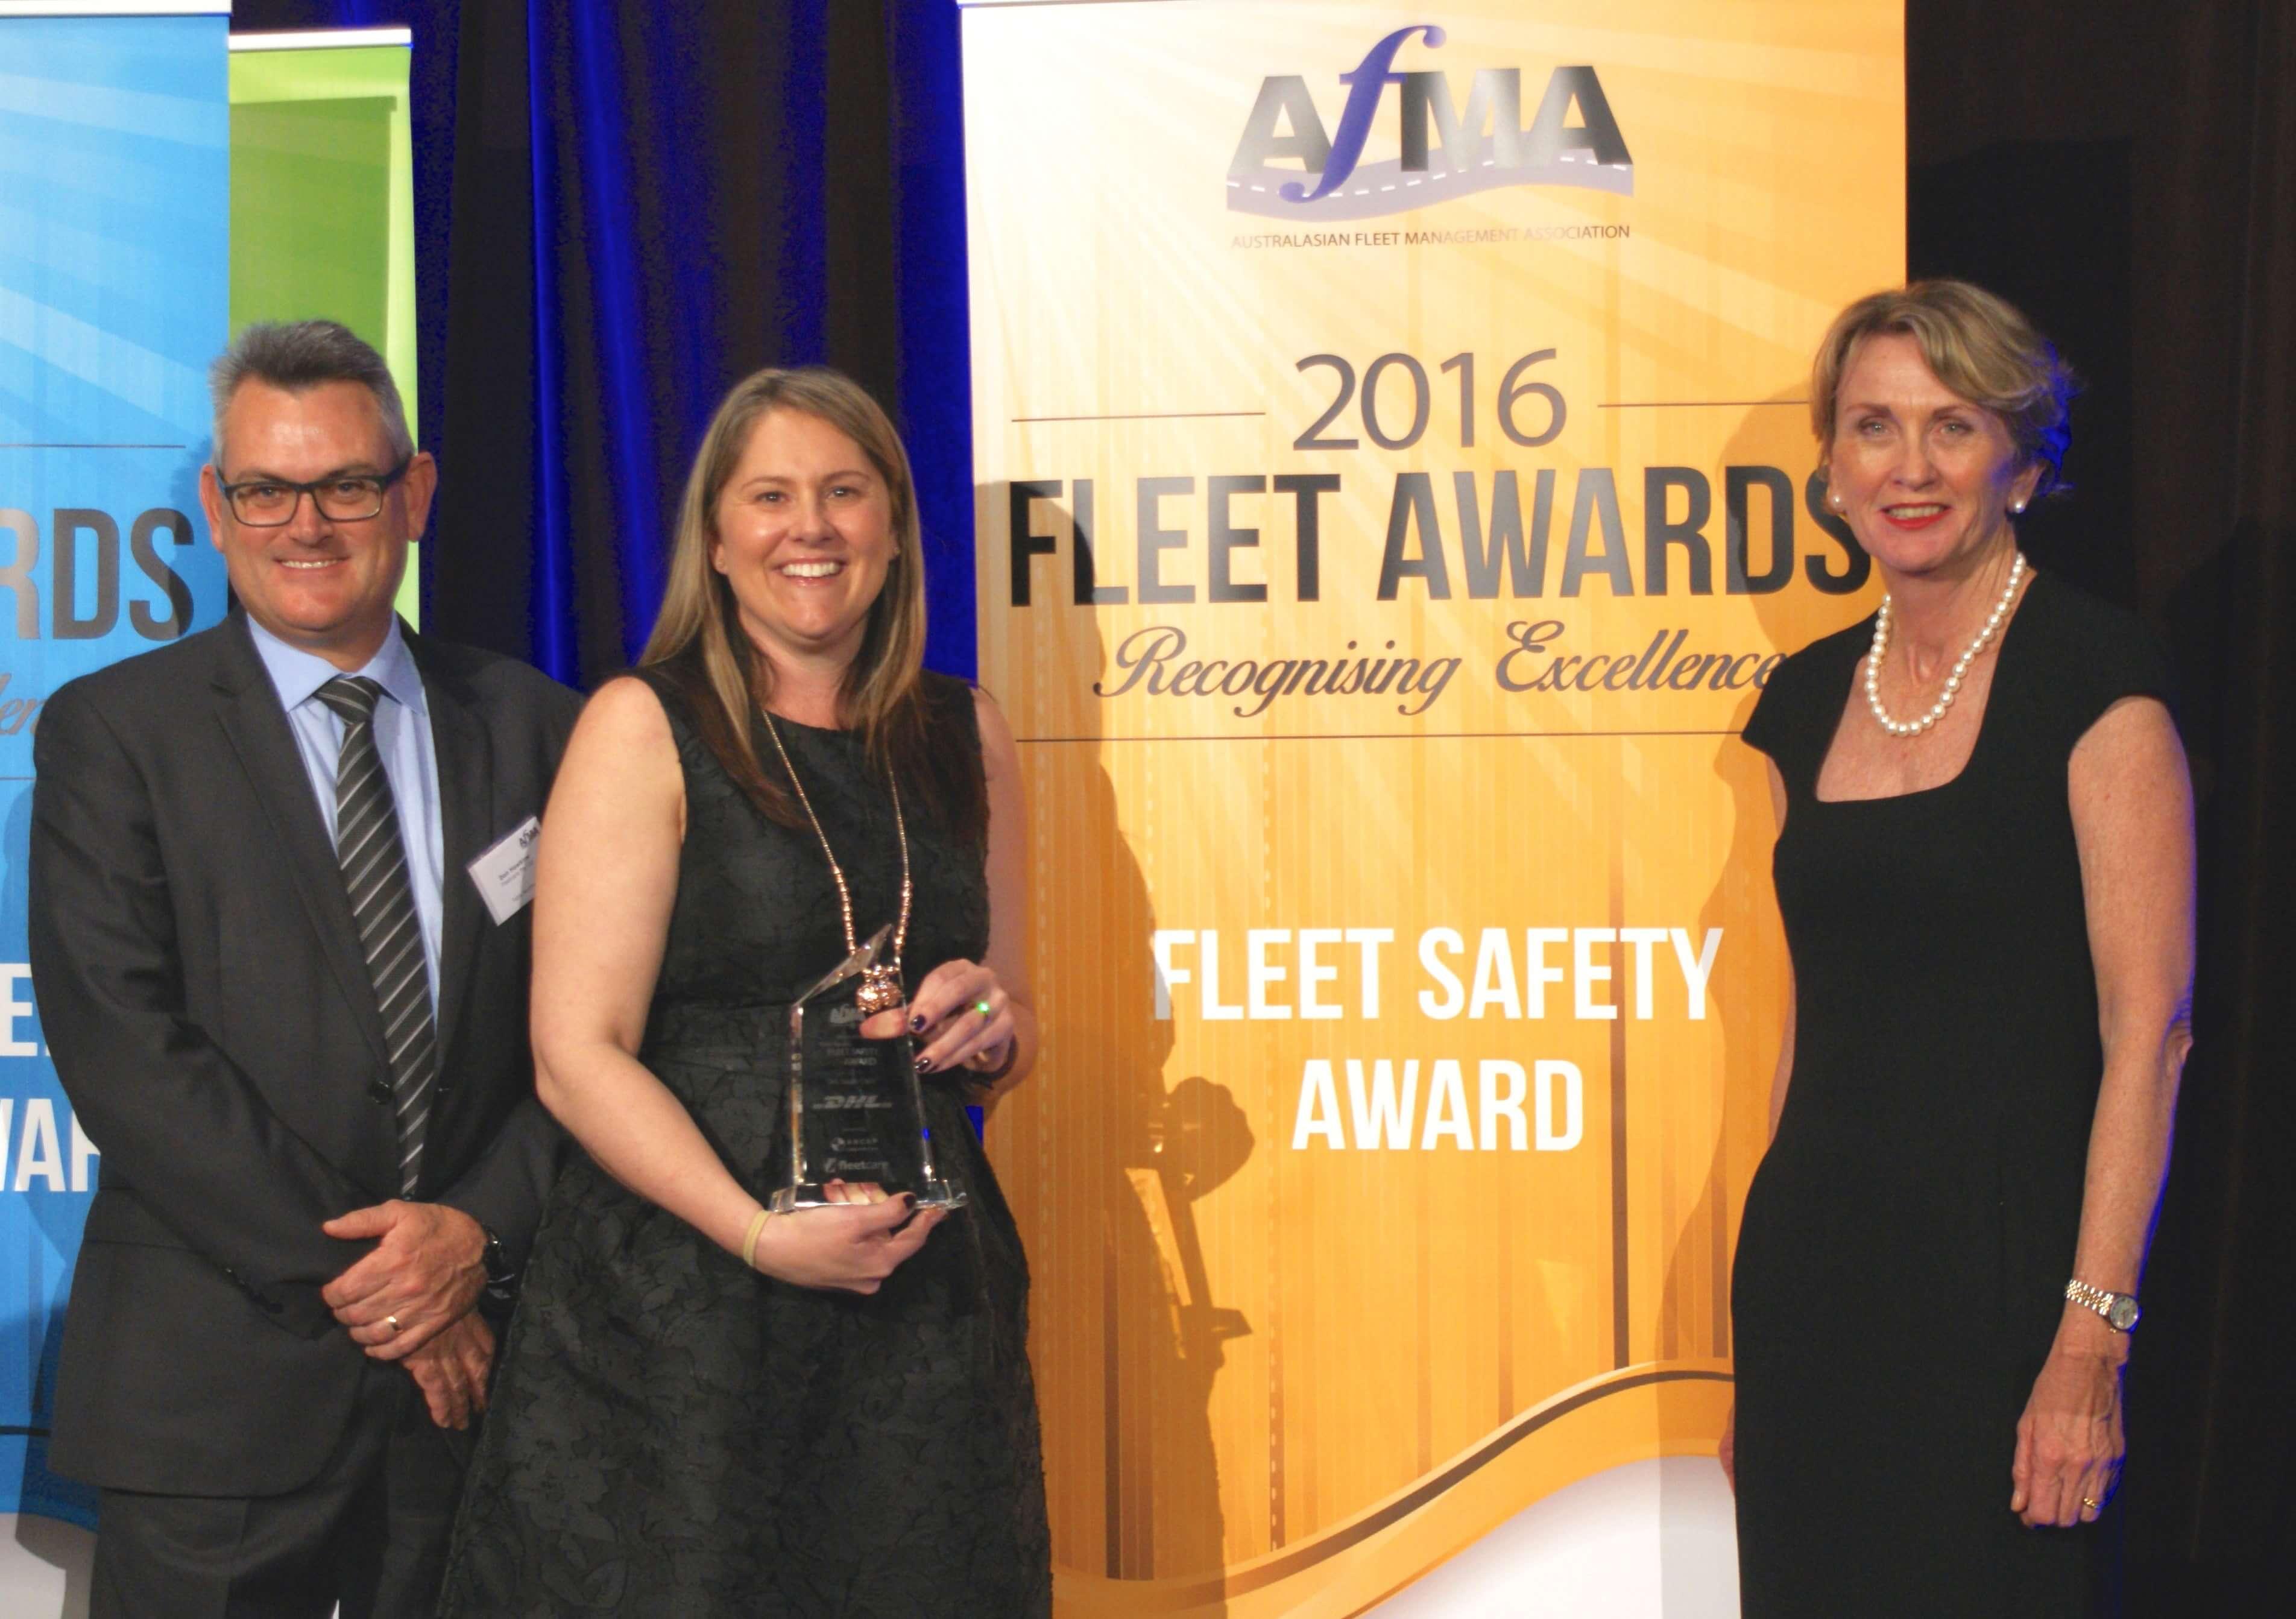 Fleet Safety Award winner Kasey Caston (middle)